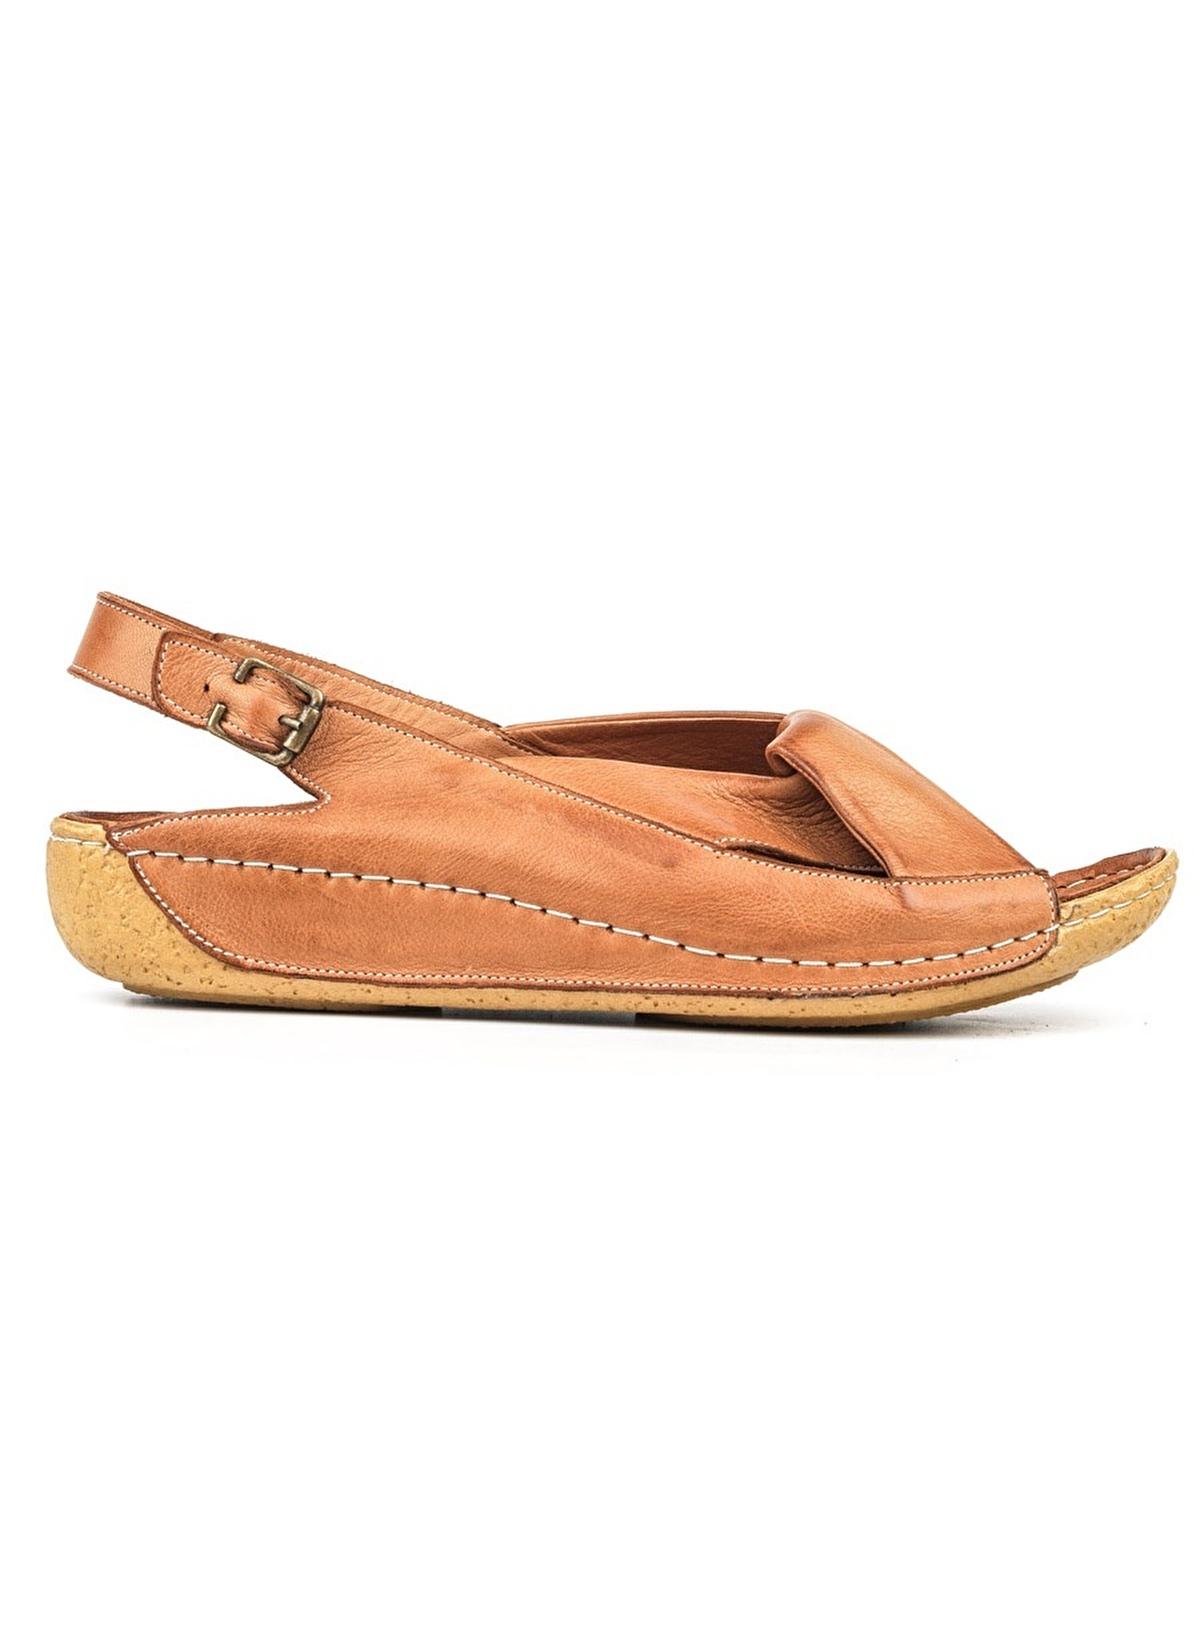 9ef0c472551ab Riccardo Colli Kadın Hakiki Deri Sandalet 17-Taba | Morhipo | 18958024